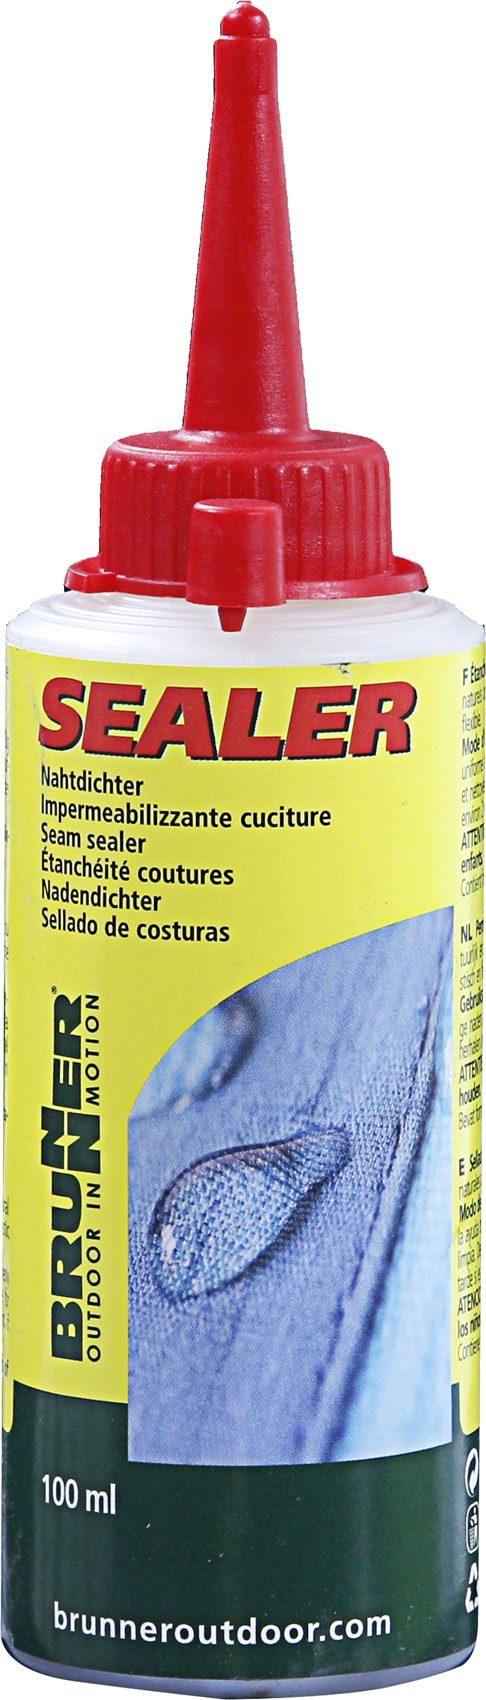 Sigillante cuciture Sealer 100ml